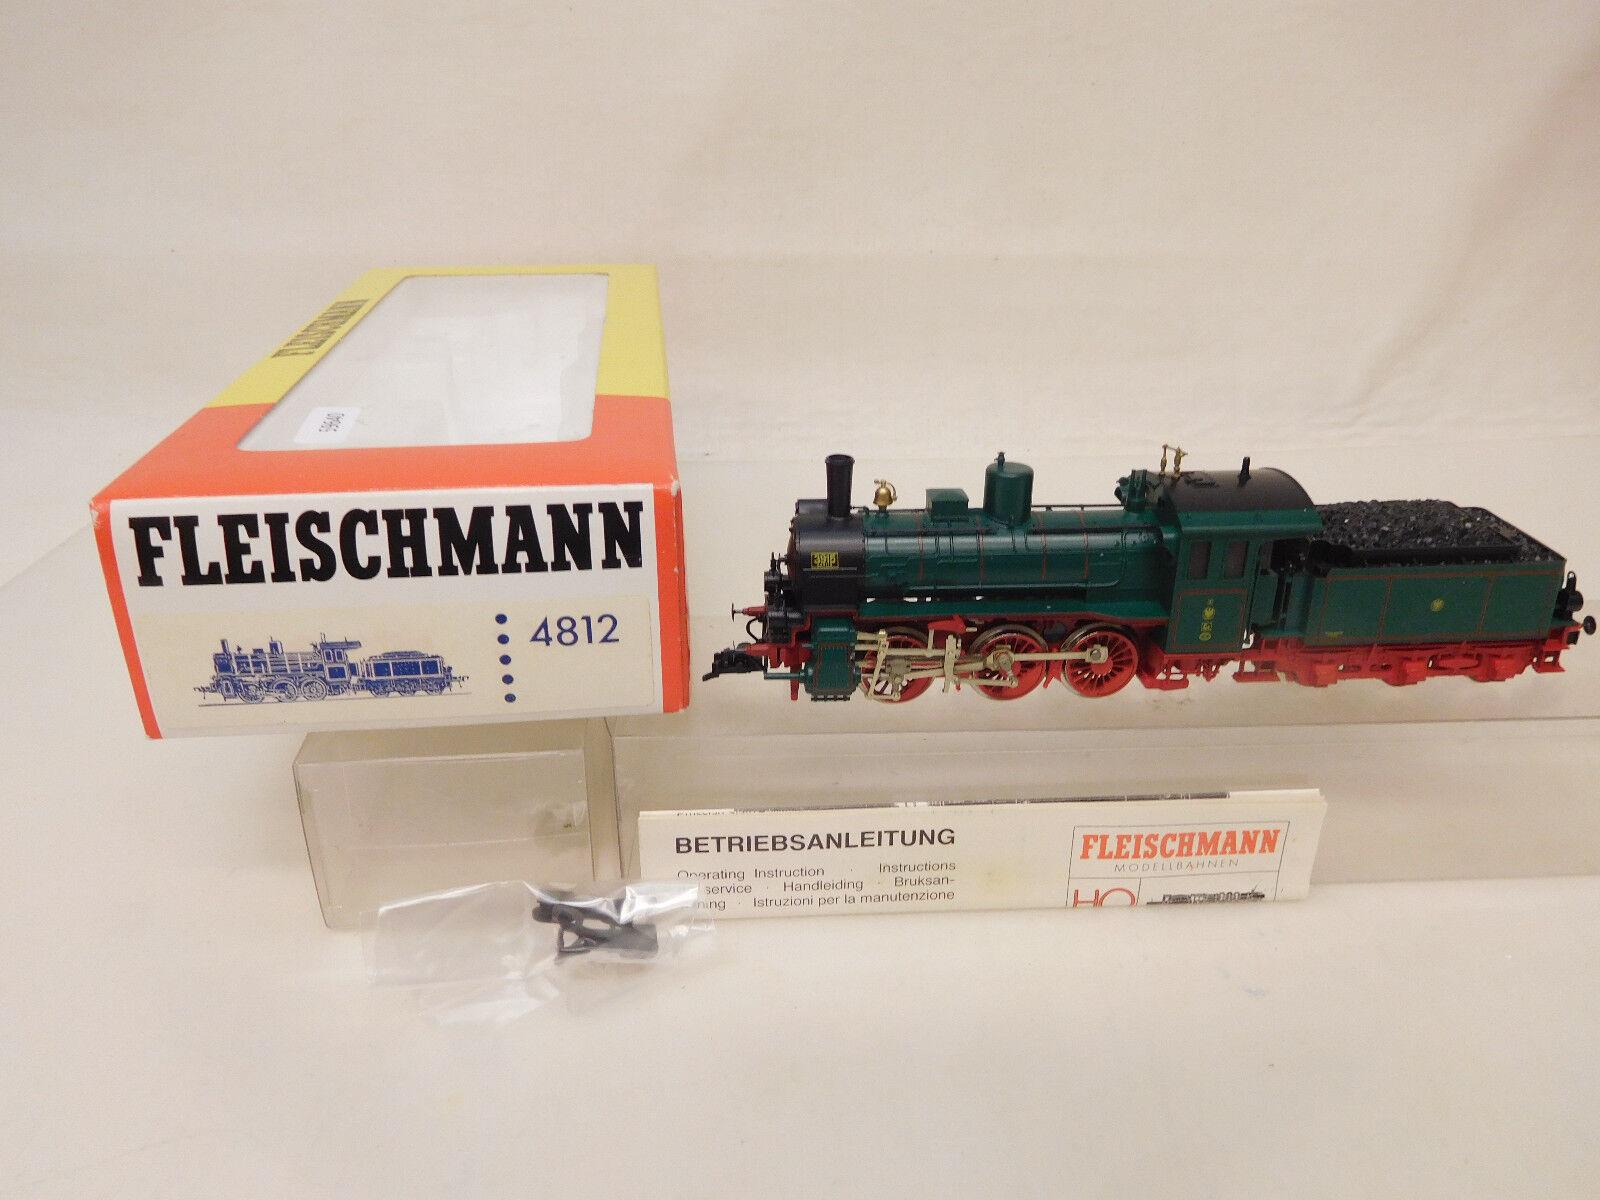 Mes-59640 Fleischmann 4812 h0 Steam Locomotive KPEV g4 very good condition,